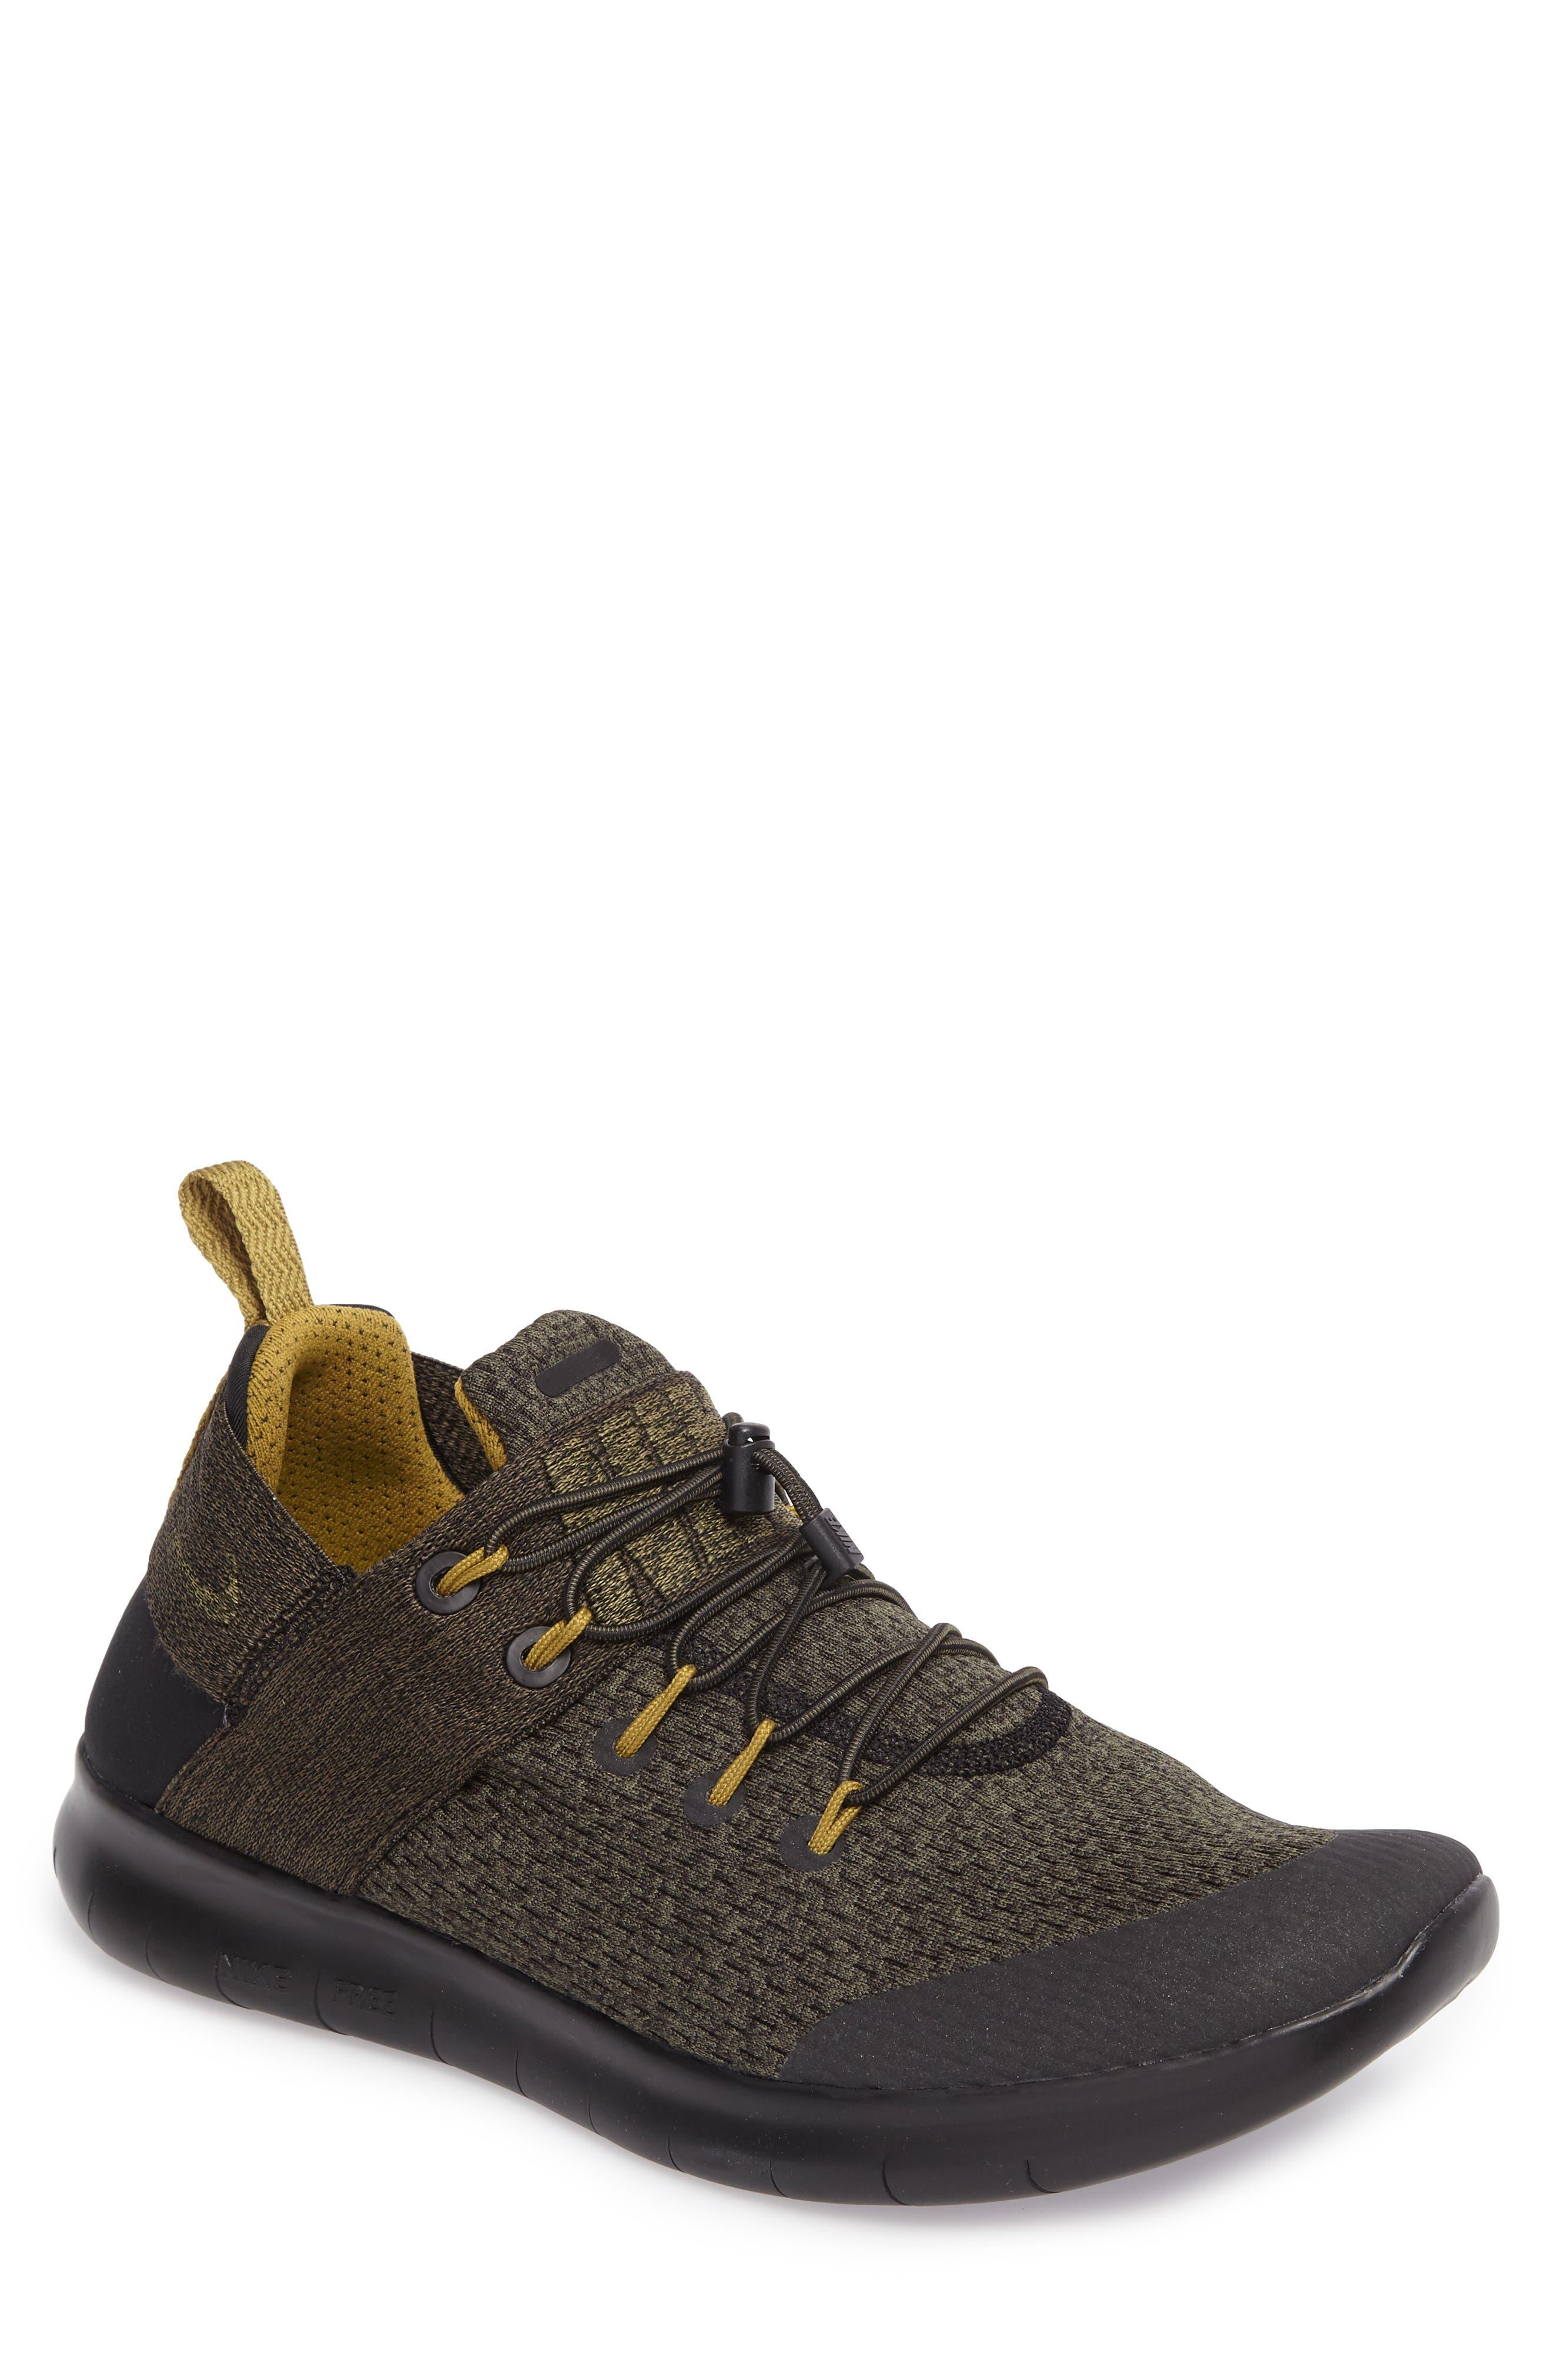 Nike Free RN Commuter 2017 Premium Running Shoe (Men)